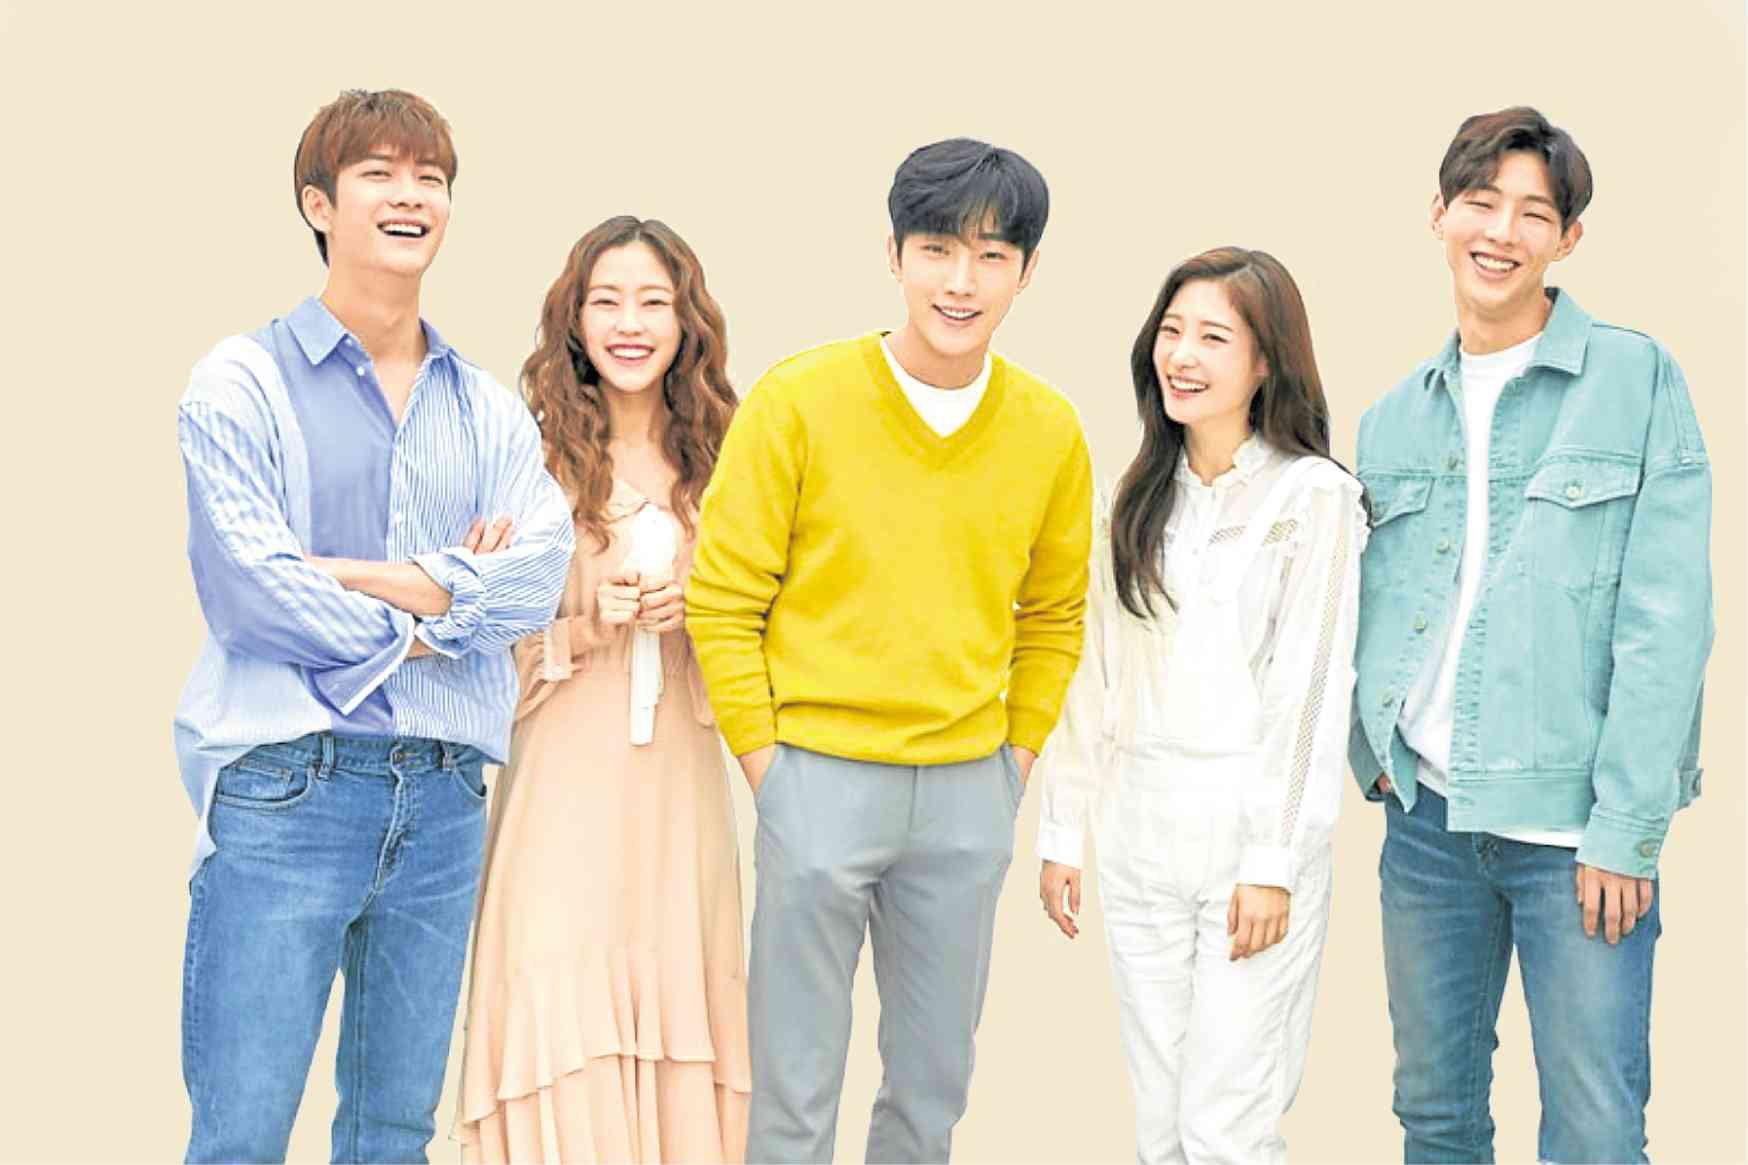 8 phim Hàn không nên bỏ lỡ nửa đầu năm 2019: Vía số 2 cực nặng vẫn chưa tác phẩm nào vượt qua được - Ảnh 18.